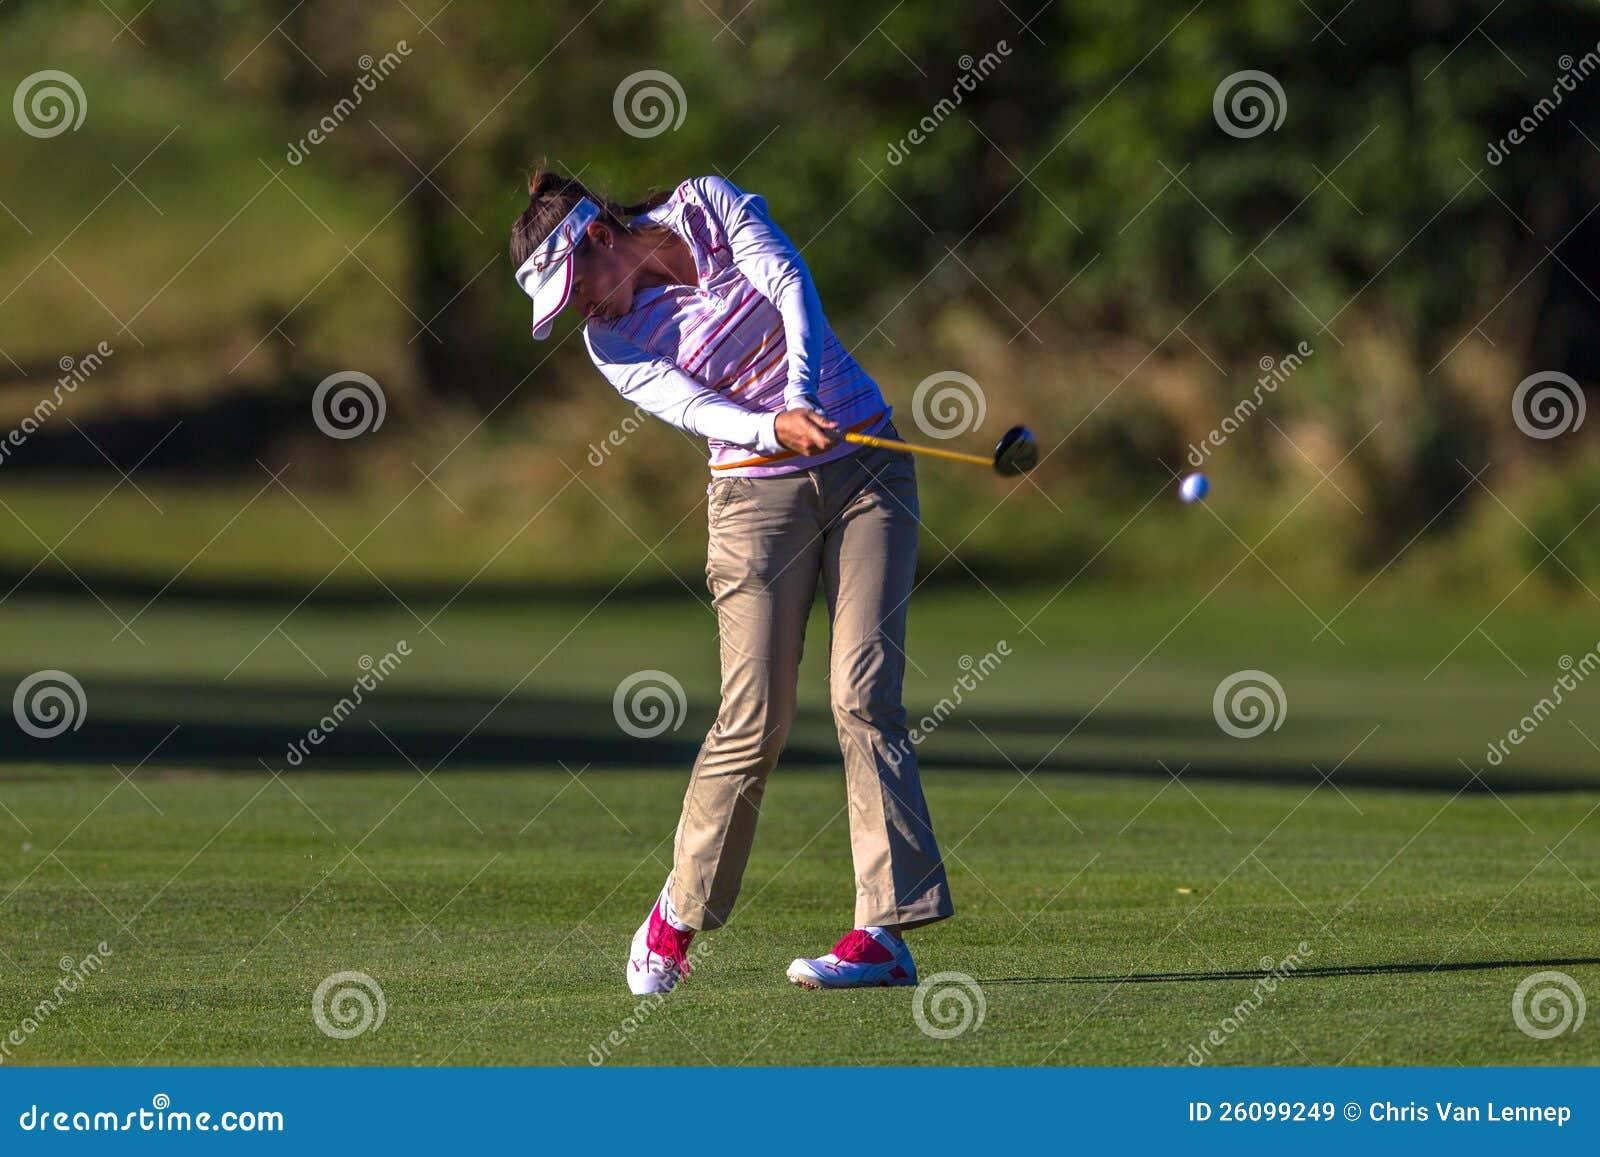 De Vlucht van de Bal van dame Pro Golfer Bregman Swing Staking